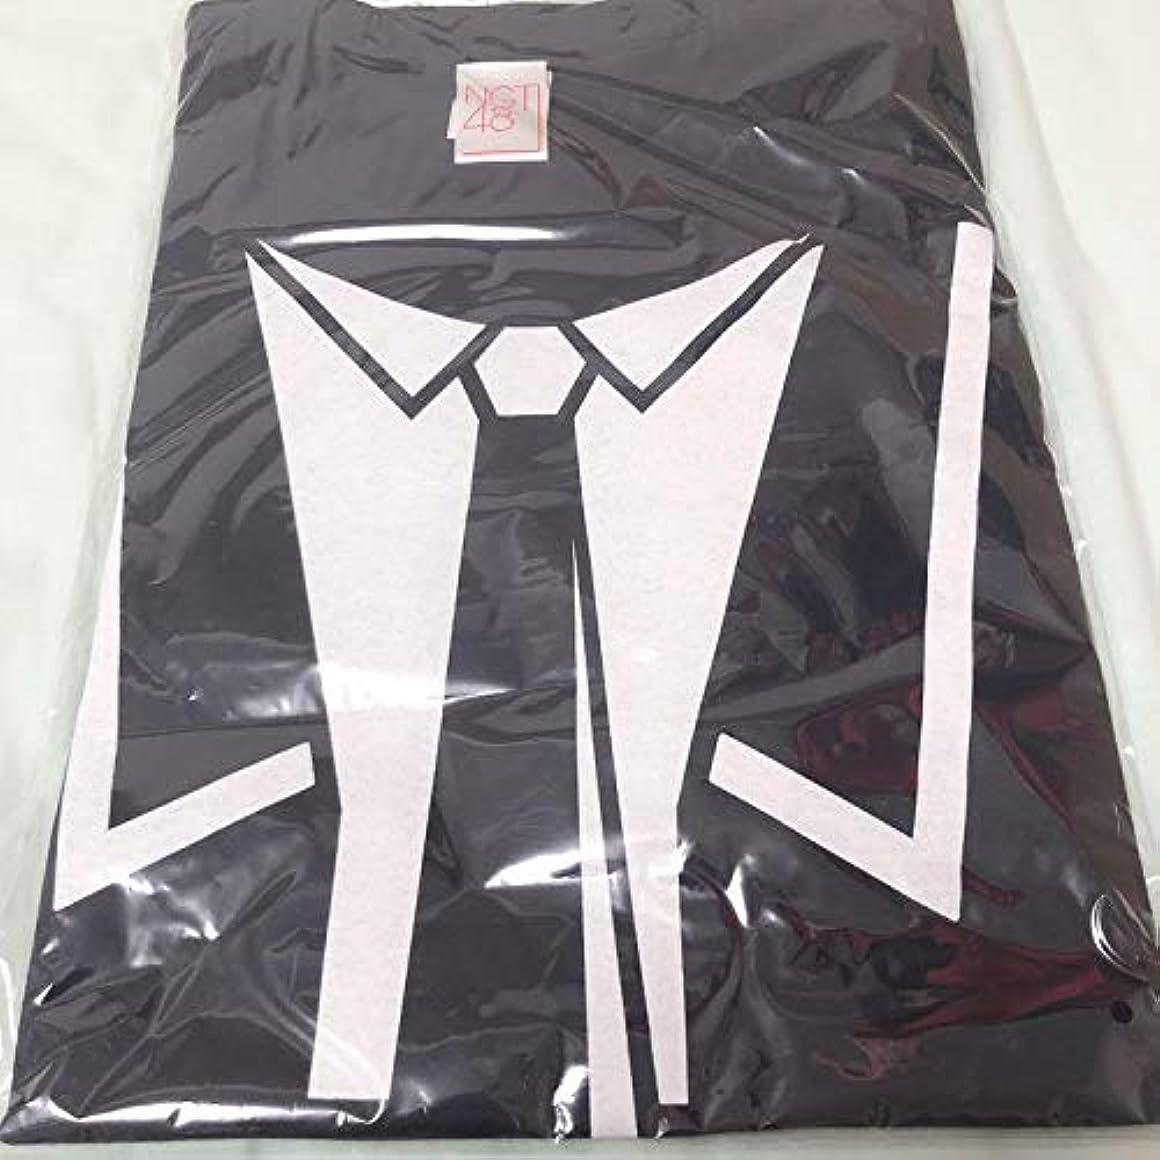 象試すジョージエリオットNGT48 高倉萌香 個別Tシャツ